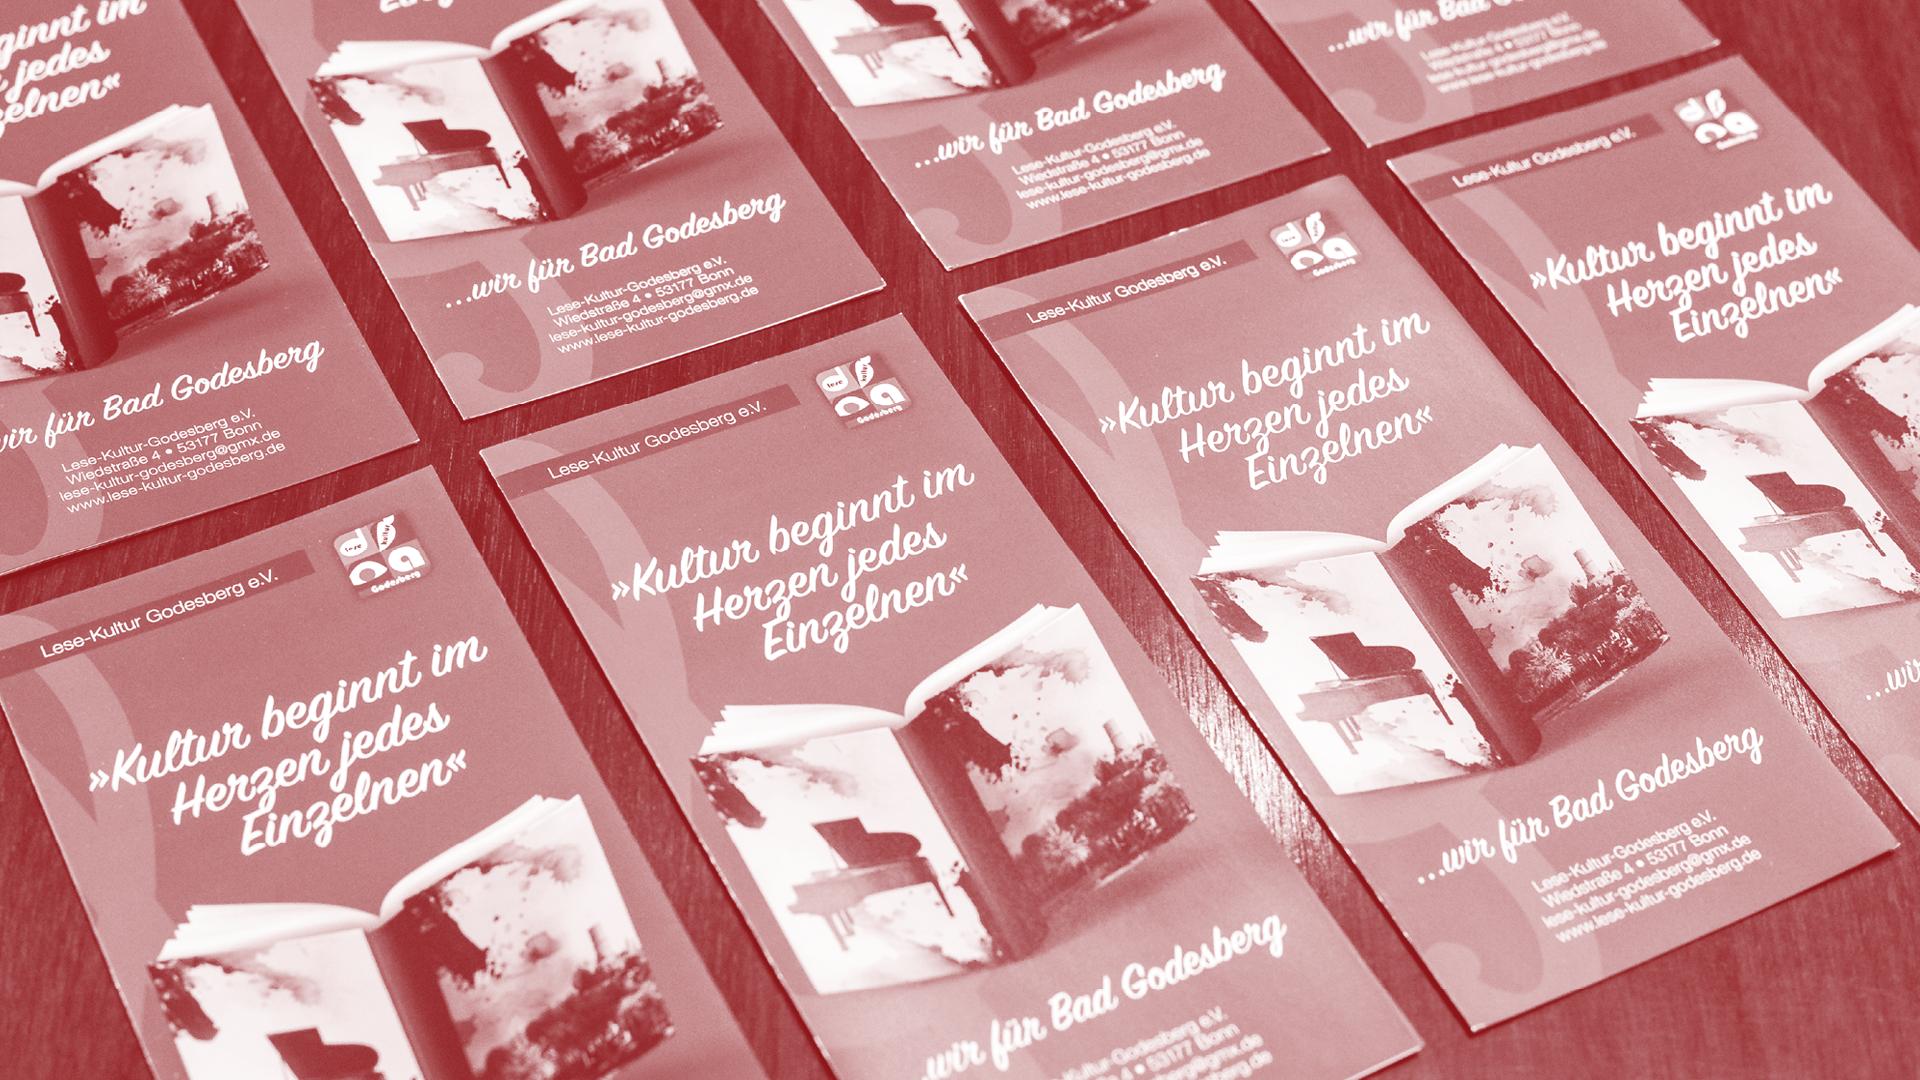 Soforthilfe für Bonner Schriftsteller:innen – jetzt bewerben oder spenden Parkbuchhandlung Buchhandlung Bonn Bad Godesberg